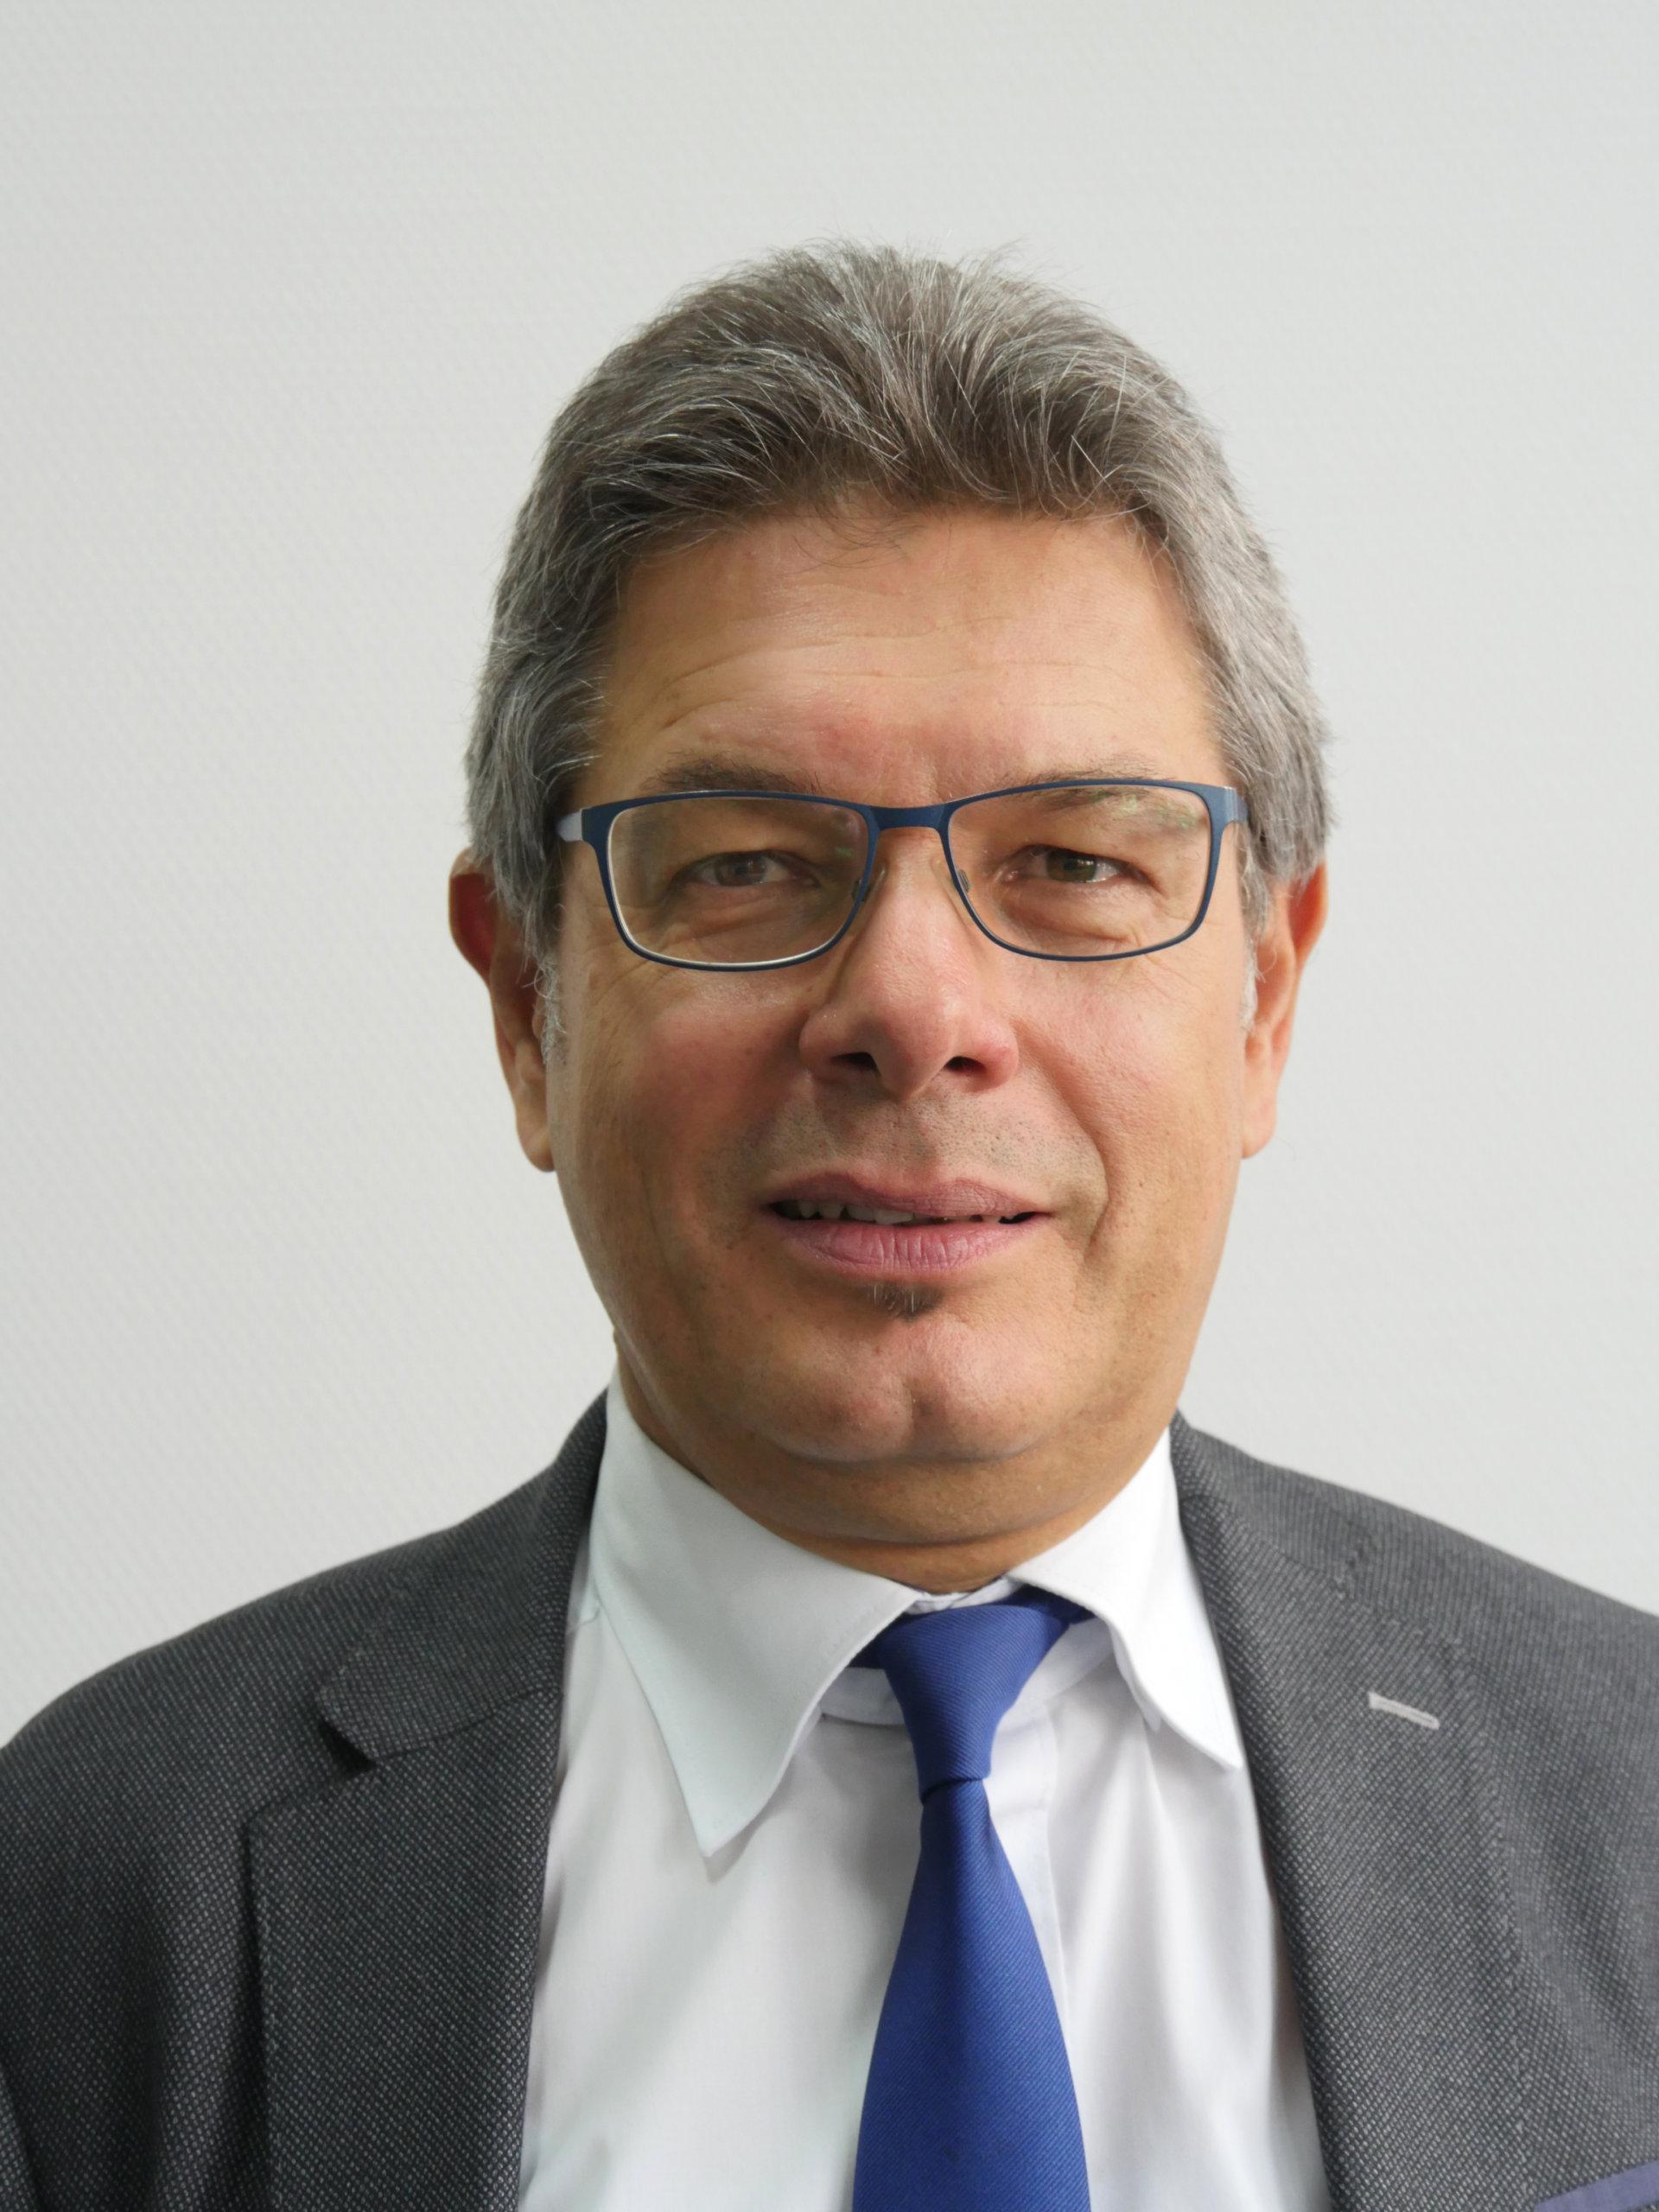 Eberhard Beck, Leiter Steuerungstechnik beim Werkzeugmaschinenhersteller Index-Werke, gehört zu den Gastgebern beim METAV-Safety Day.